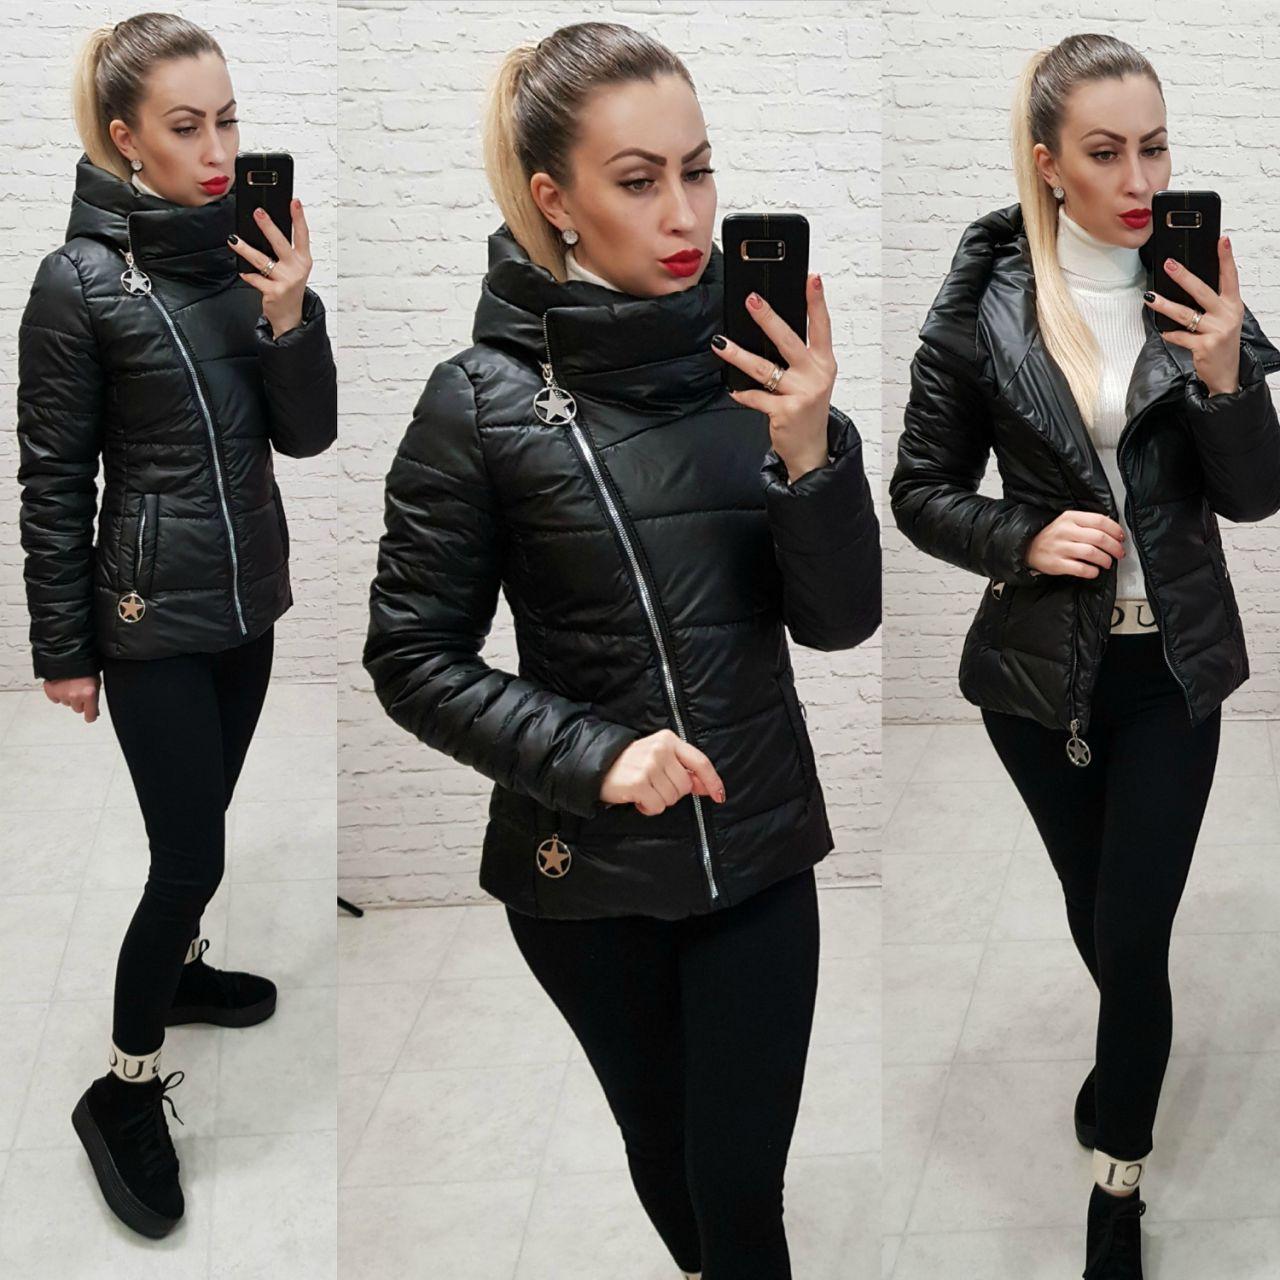 Демісезонна куртка 2019 ,арт. 501, колір чорний